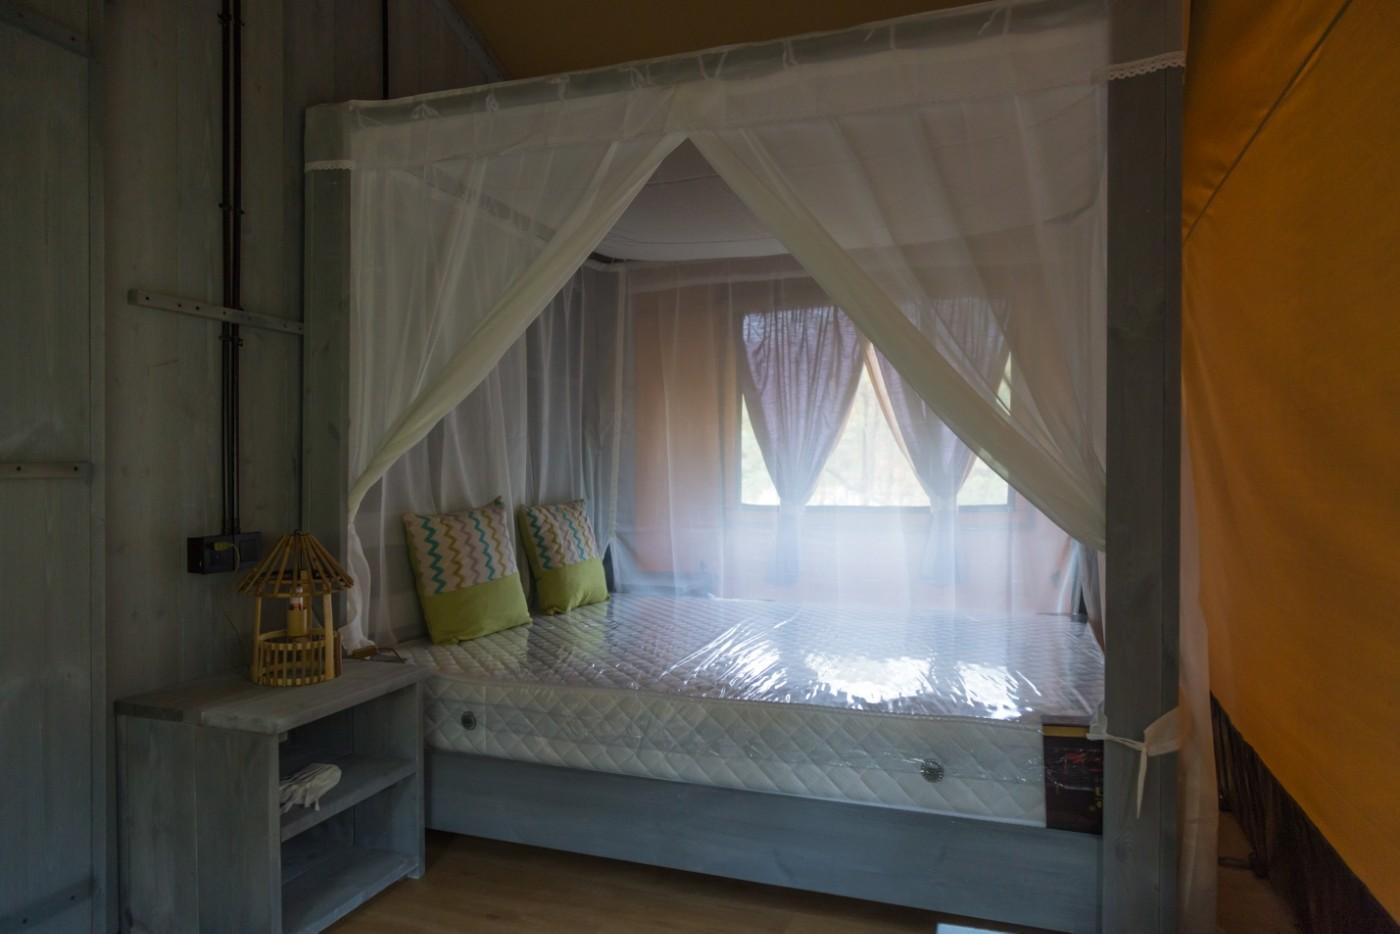 喜马拉雅野奢帐篷酒店—广州北迹露营平地帐篷酒店25